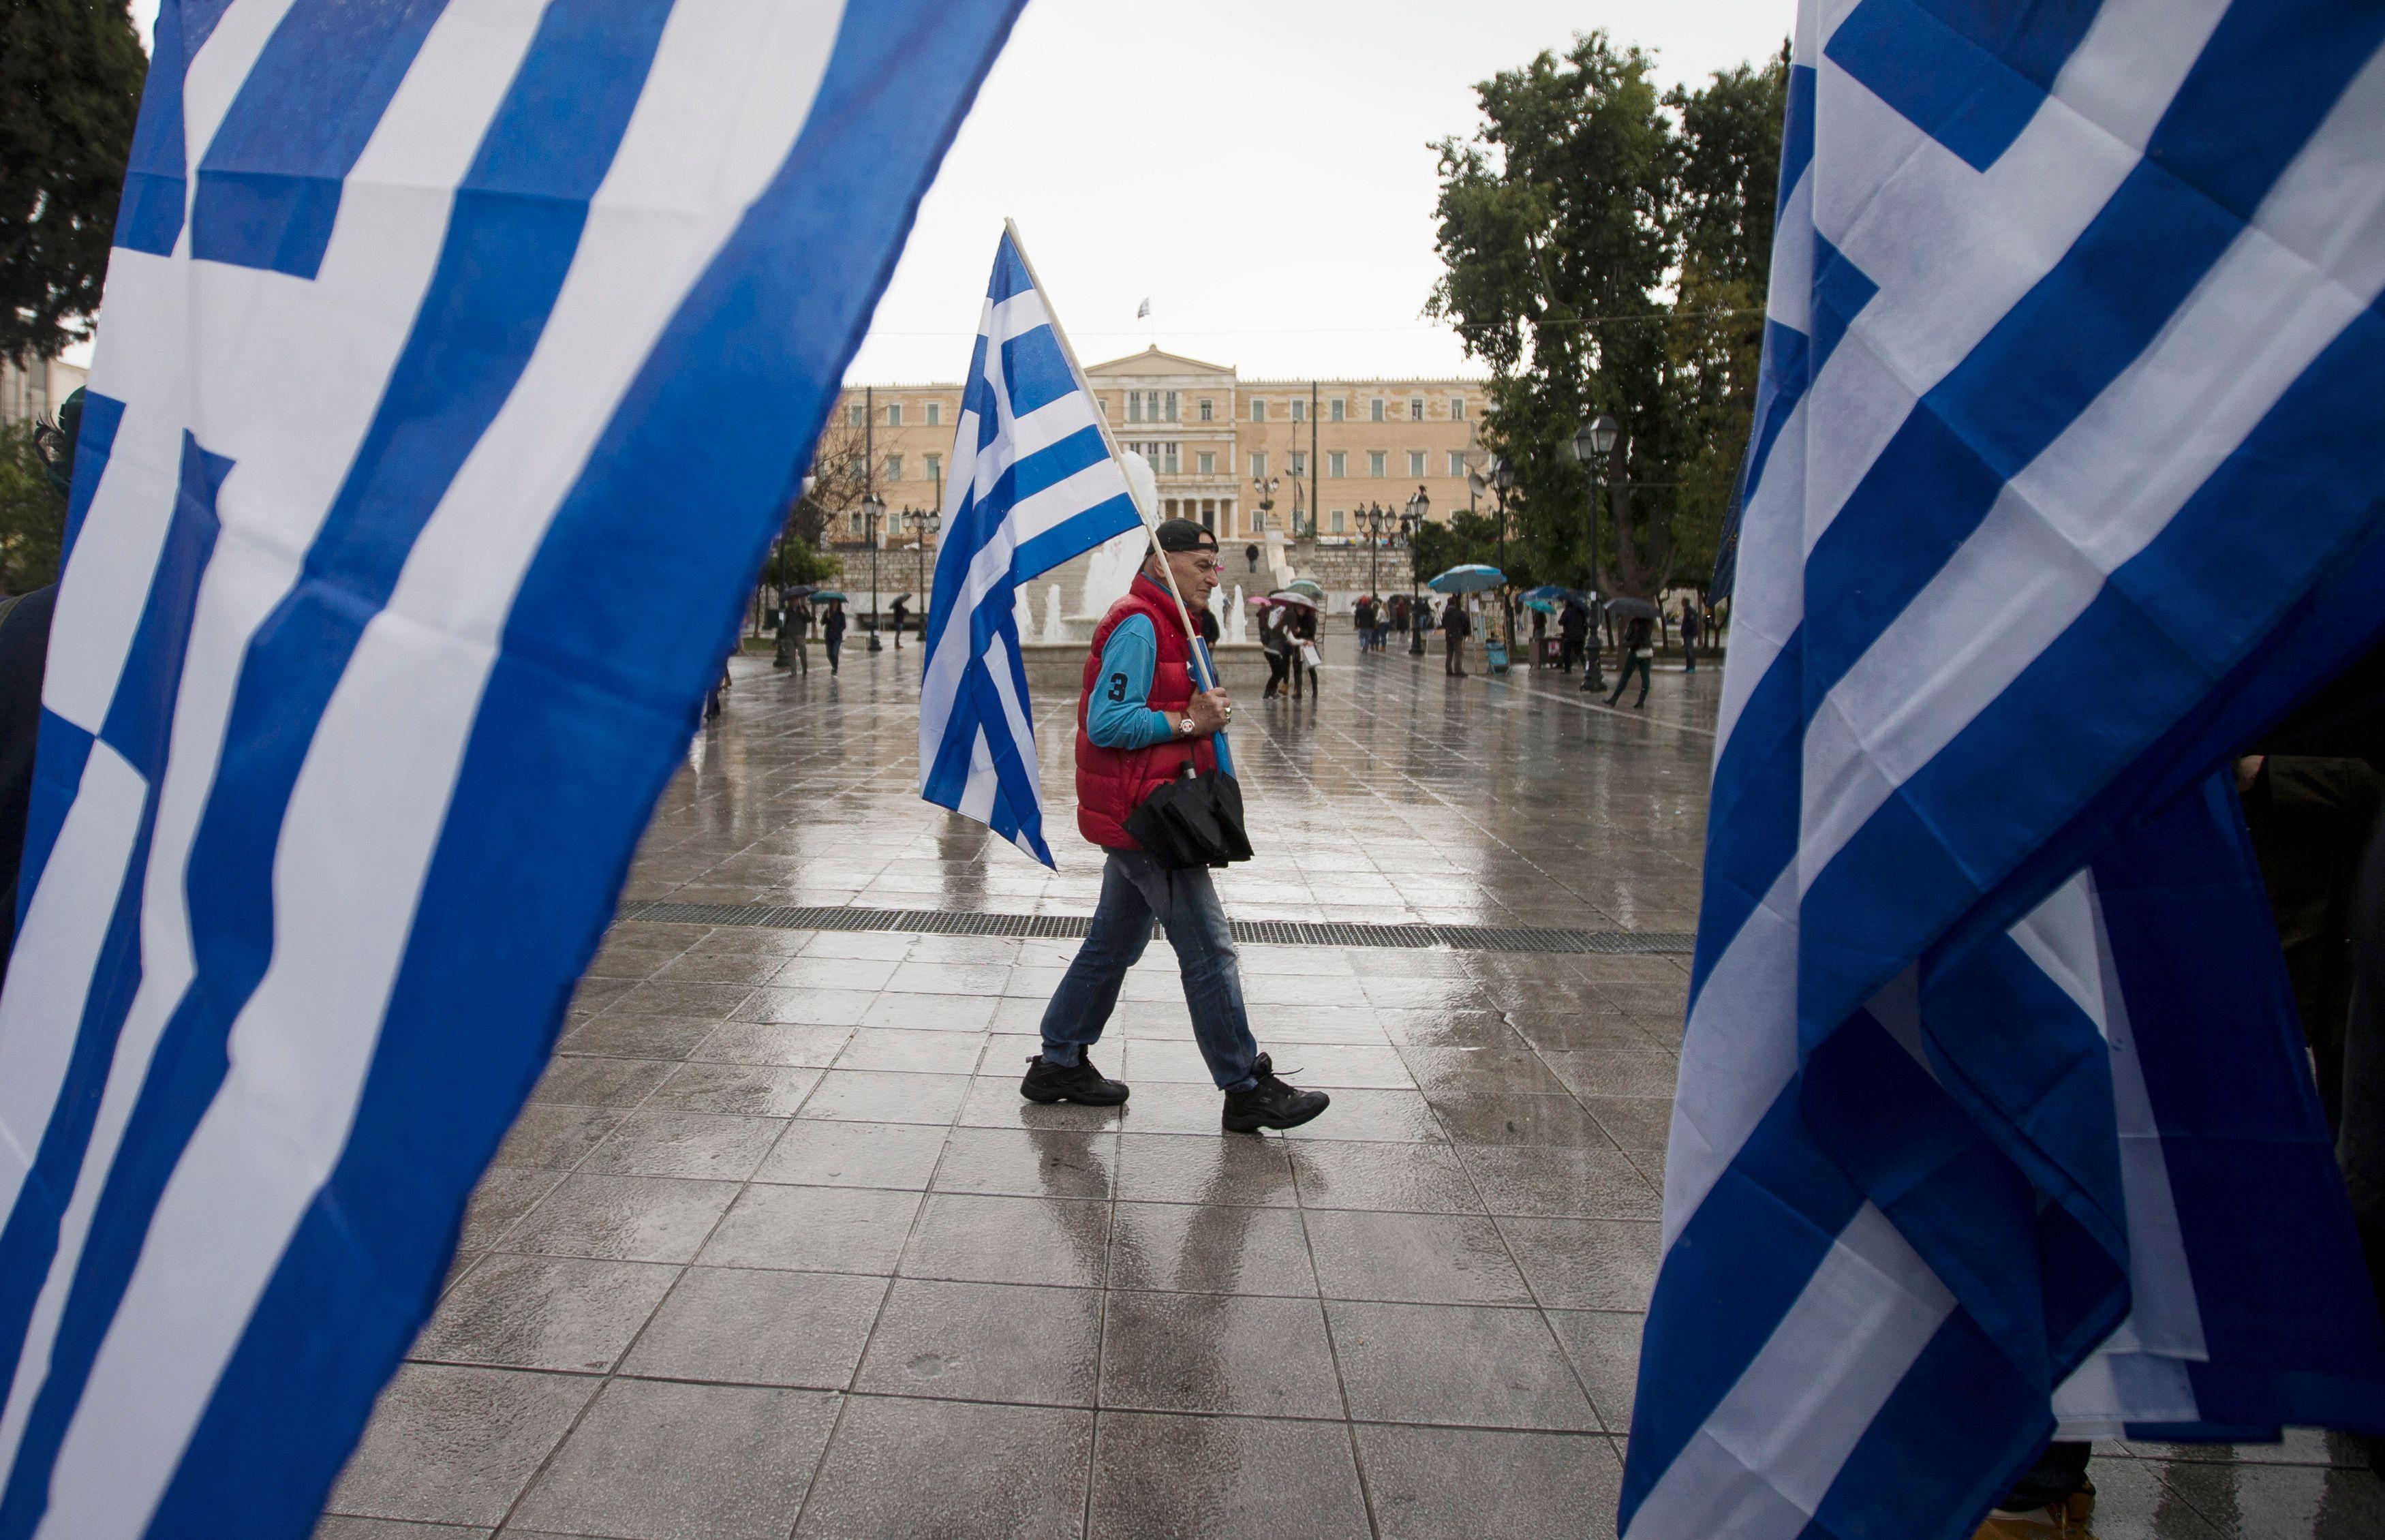 Une nouvelle crise grecque ne peut être exclue selon le FMI... et les 9 autres infos éco du jour